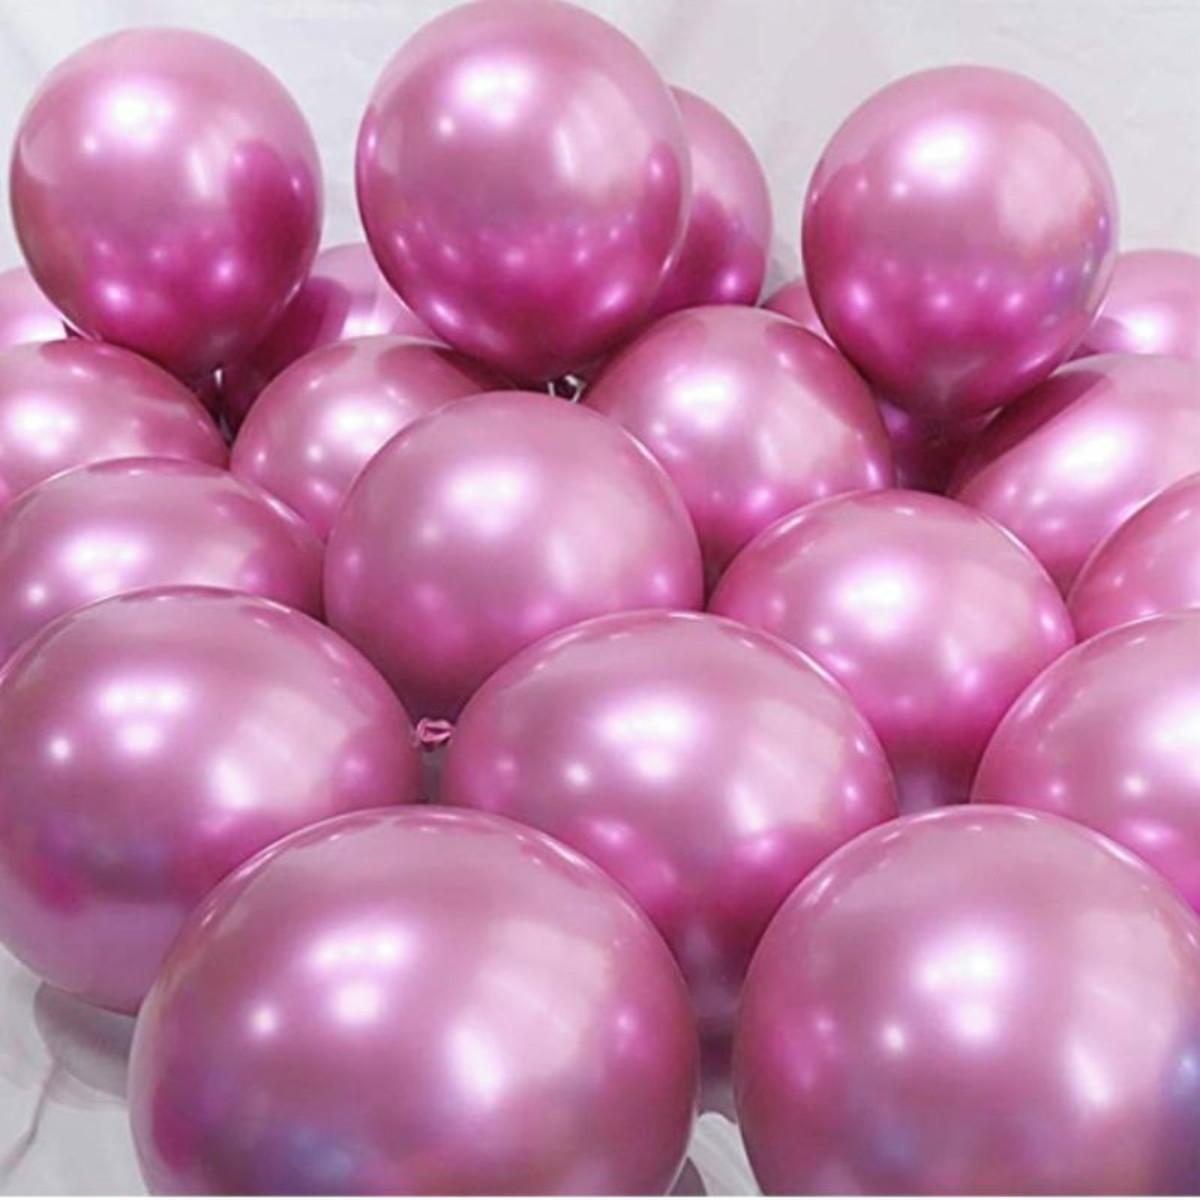 10 Unid Balão Bexiga Pink 9 Pol Cromado Metalizado